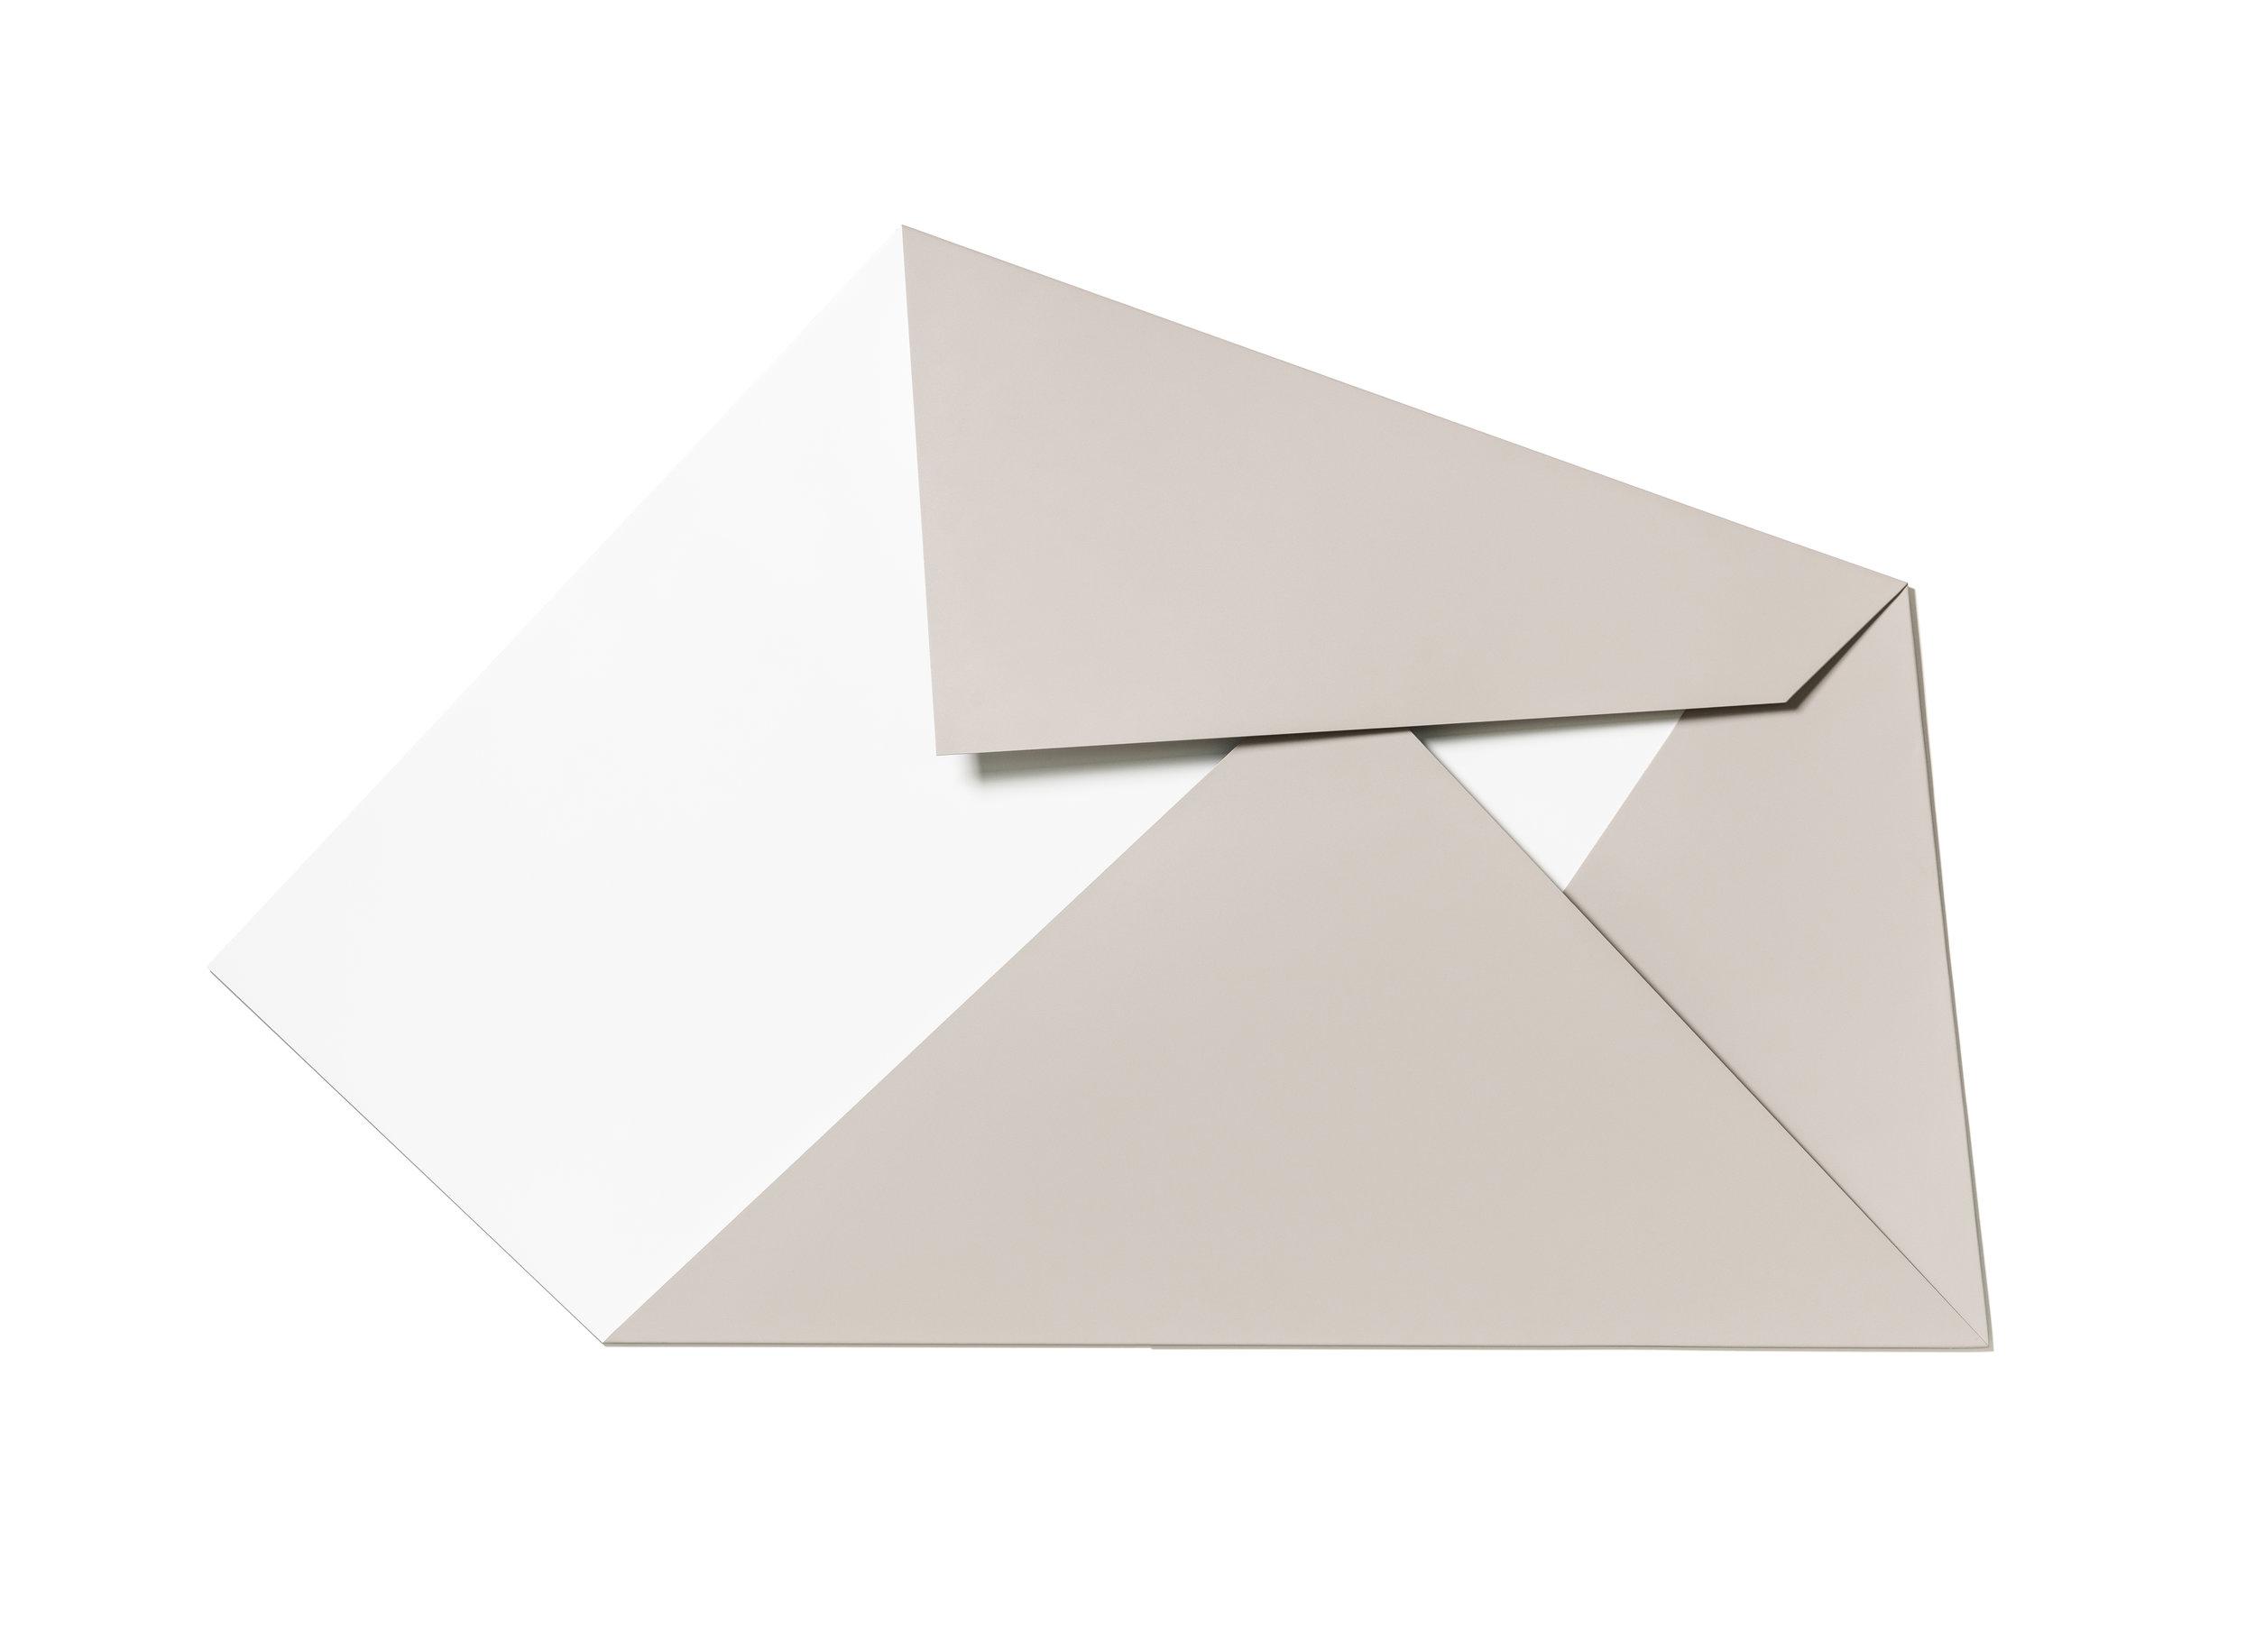 XL Folded Flat White & Chestnut 02 S-1144 b.jpg